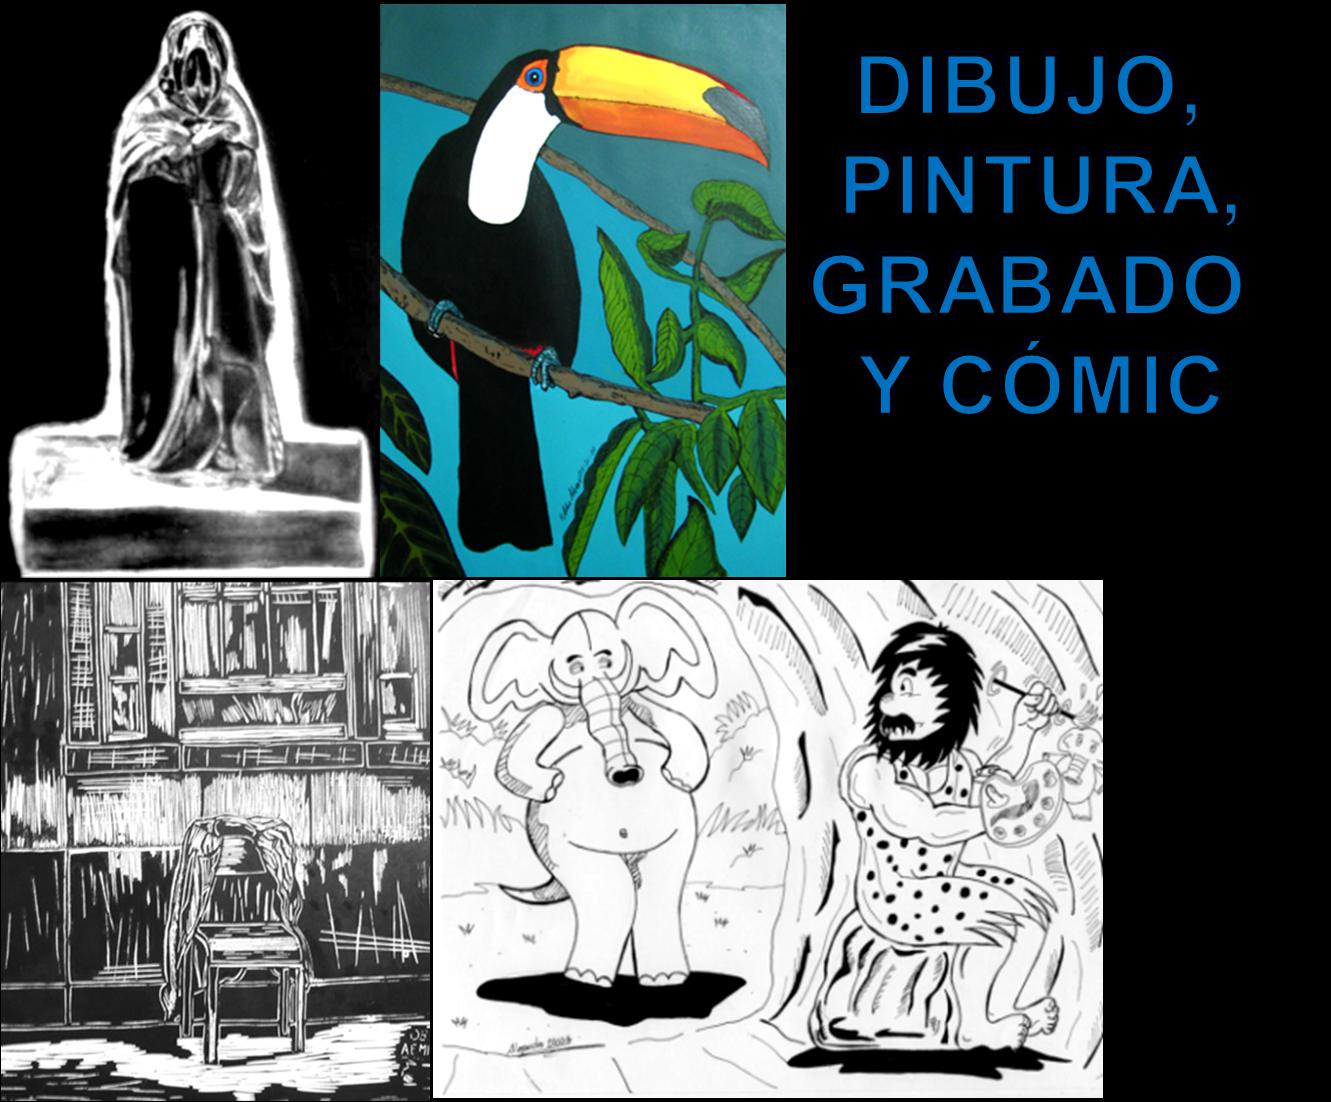 DIBUJO, PINTURA, GRABADO Y CÓMIC